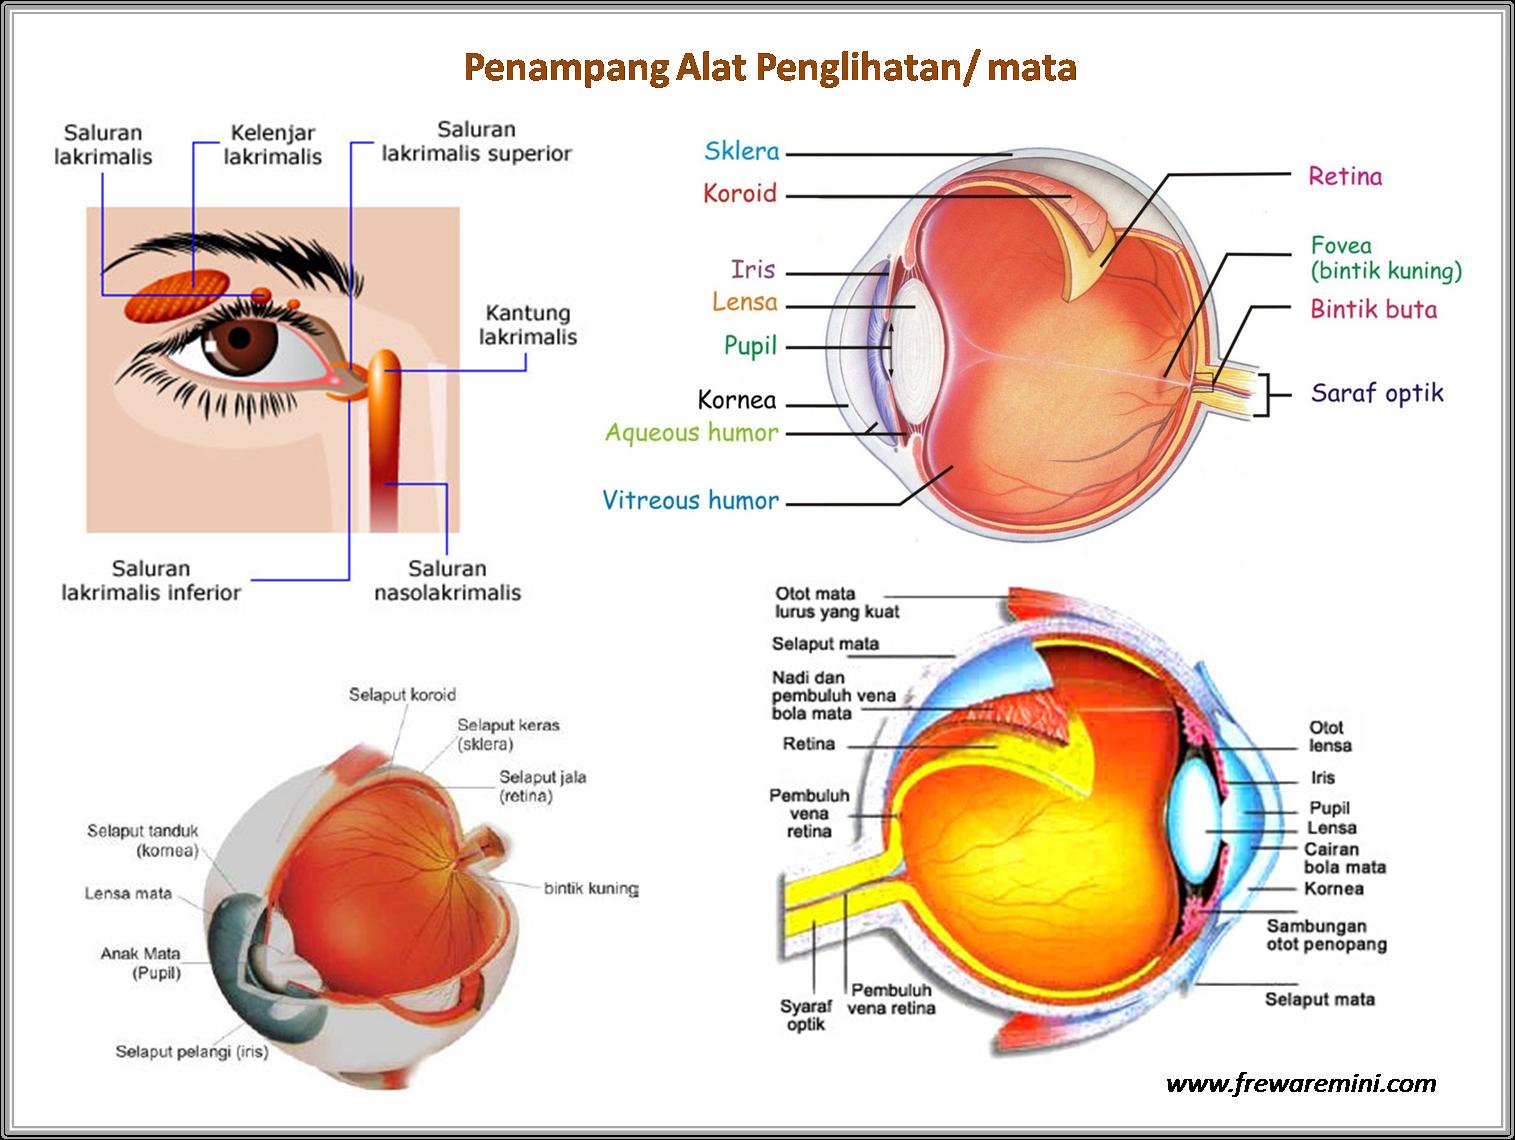 Rpp Bahasa Indonesia Kelas Rpp Kelas Pkn Rpp Smk Bahasa Inggris Kelas X Ktsp Silabus Dan Rpp